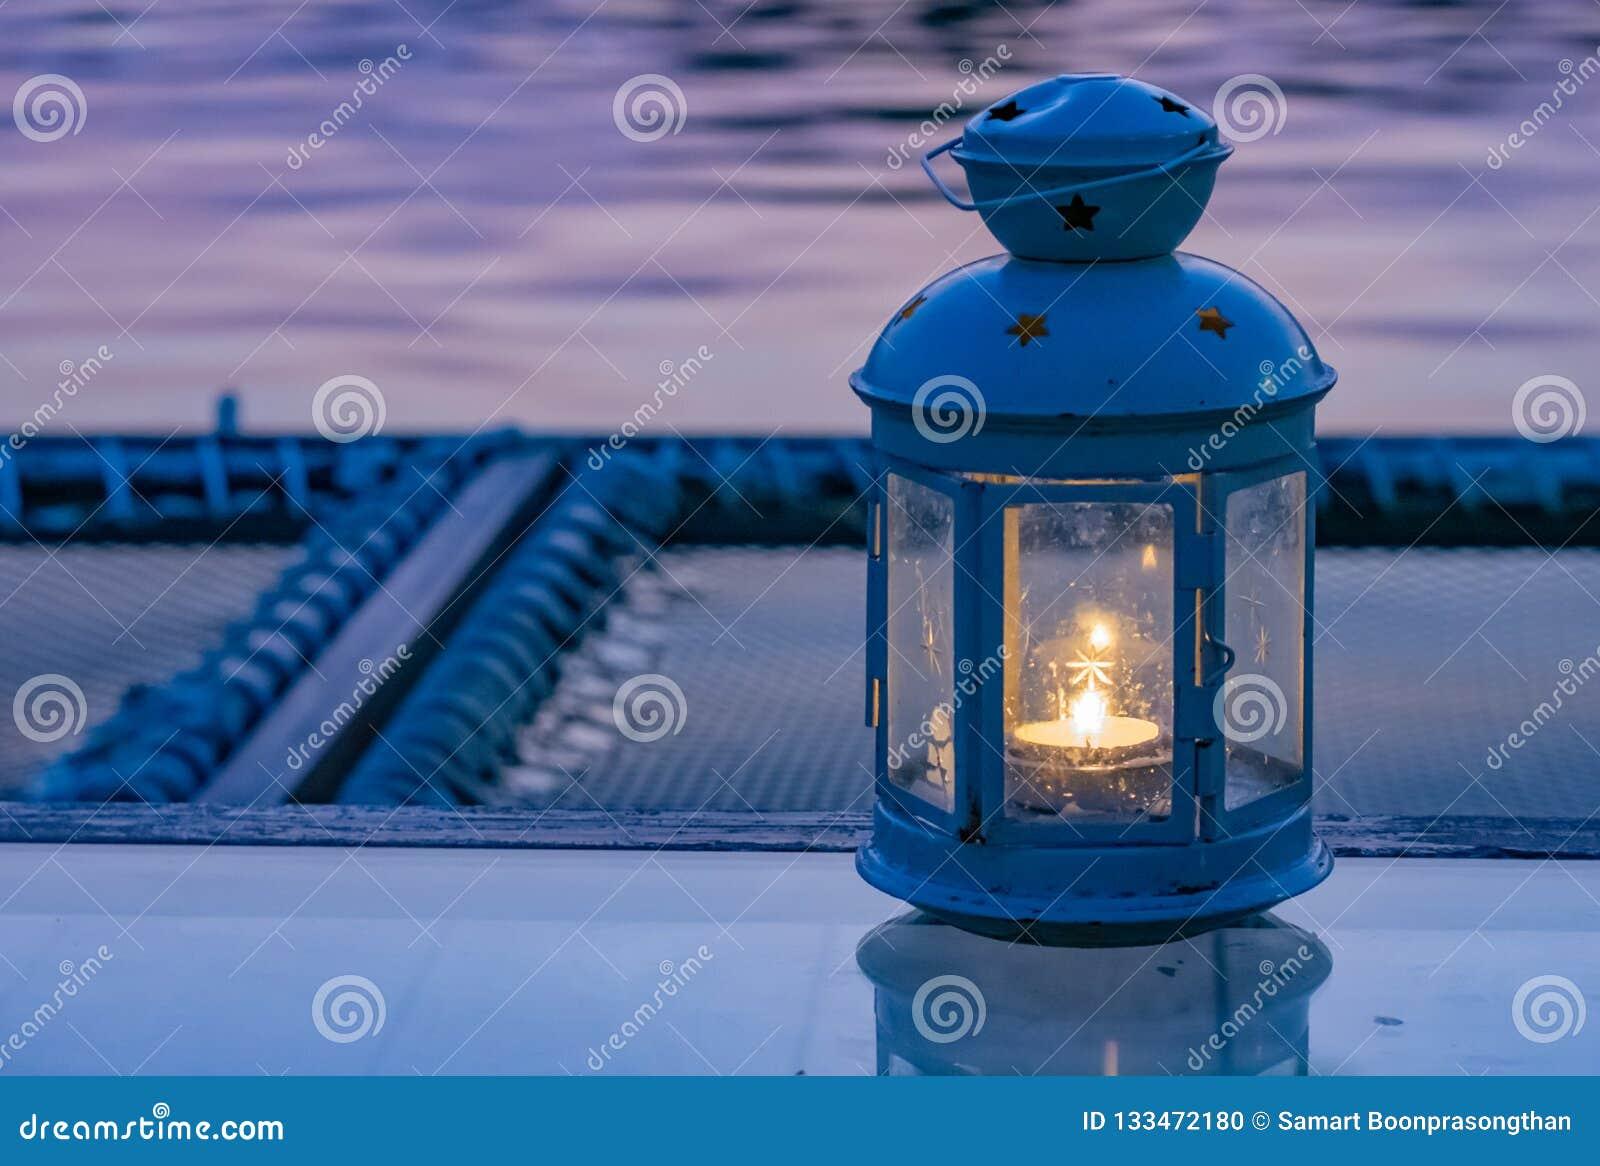 Les feux de bougie sont contenus dans les lampes, placées sur la table